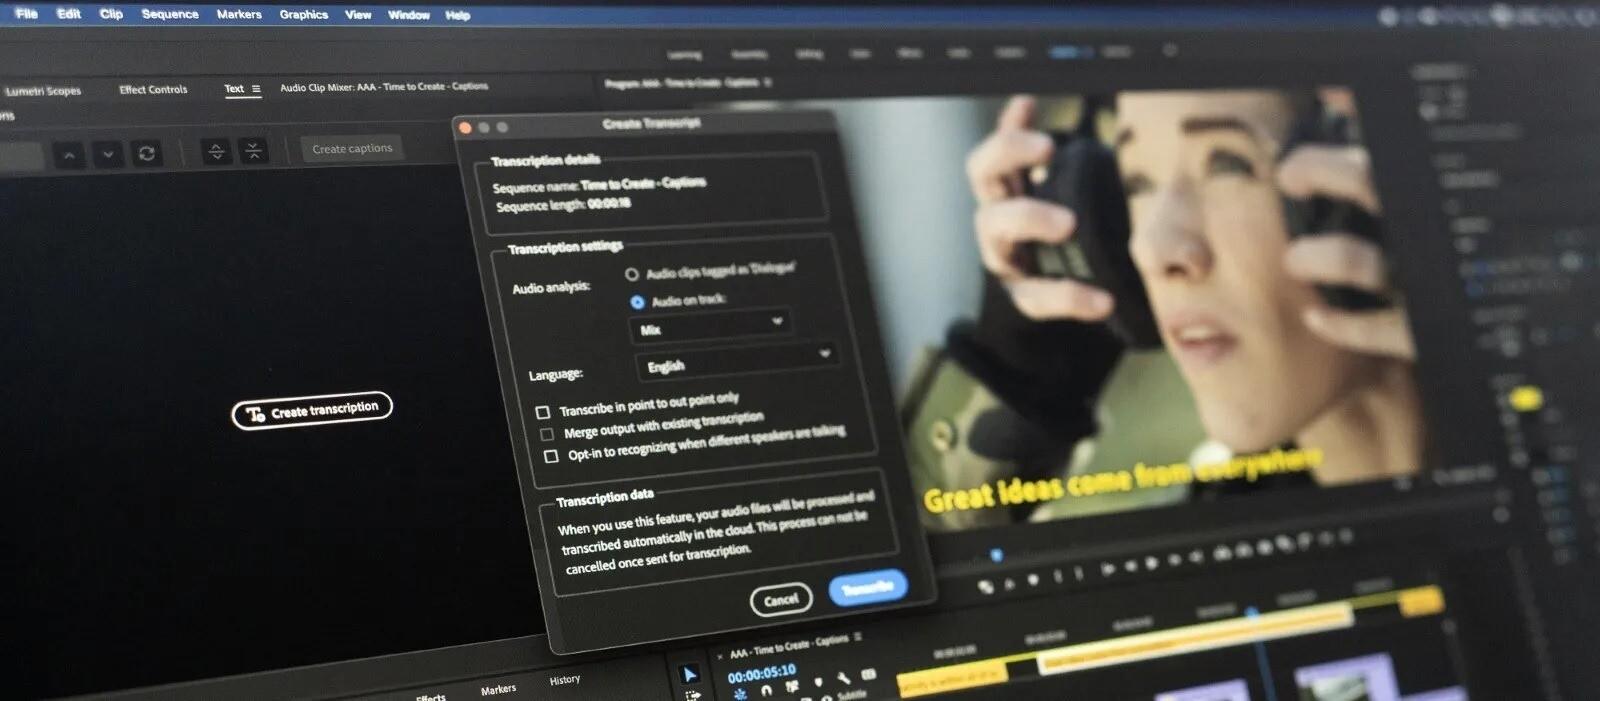 【新聞圖片一】Adobe-Premiere-Pro-正式推出語音轉文字字幕功能.jpg @3C 達人廖阿輝